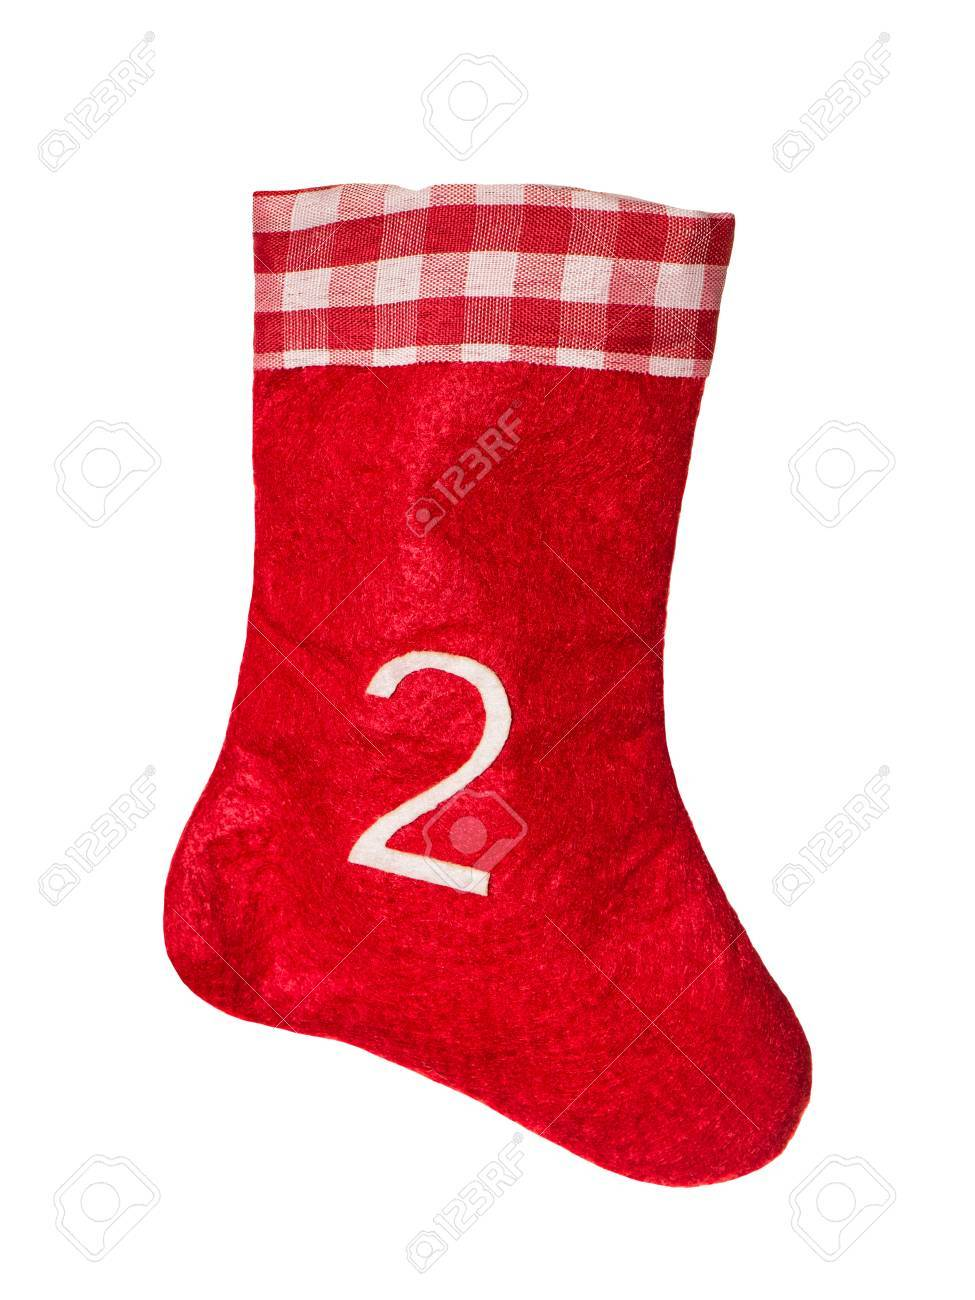 Rote Weihnachtssocke Für Geschenke Auf Einem Weißen Hintergrund ...